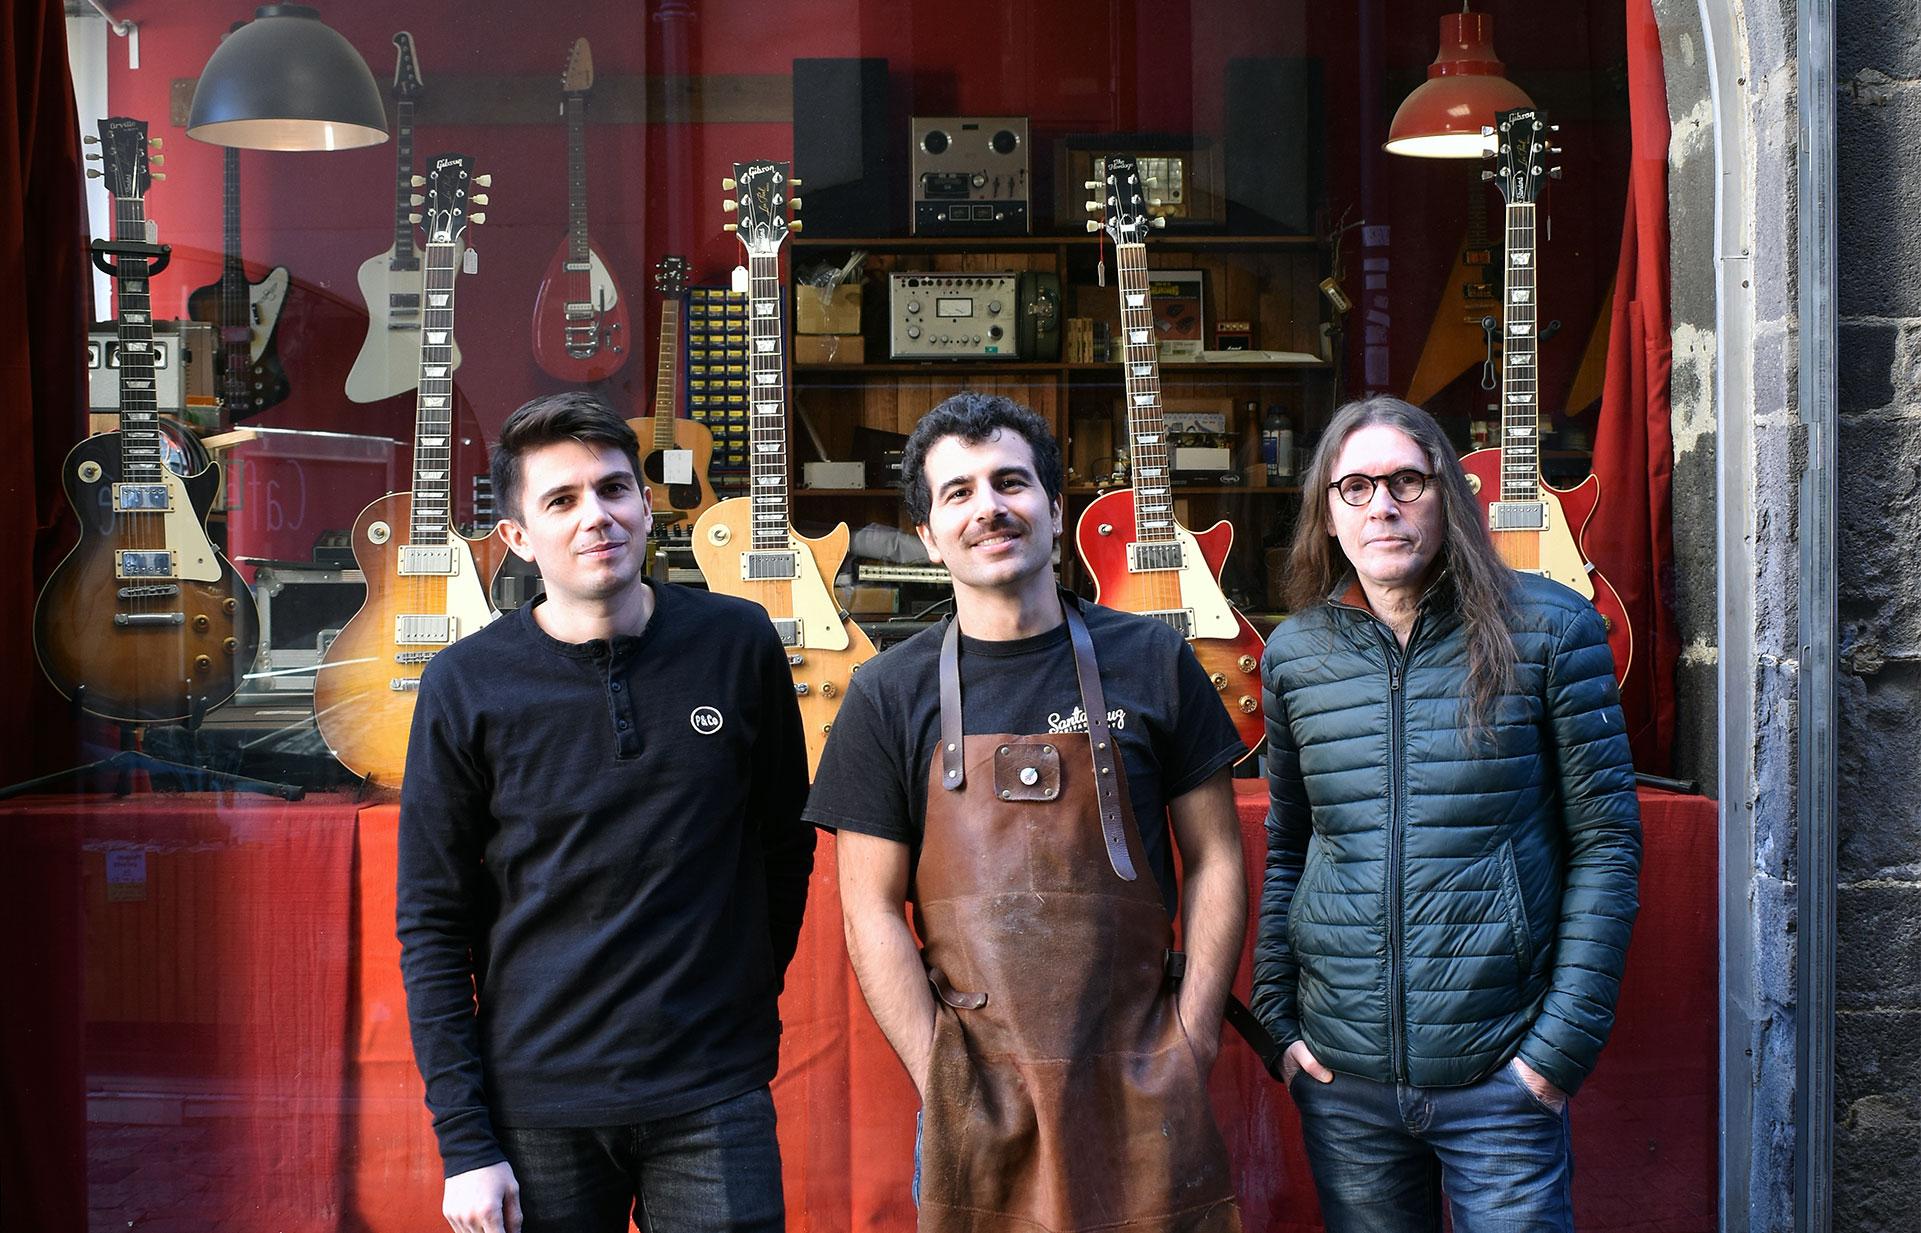 La team Sonic Red au complet. Musiciens passionnés et artisans appliqués.